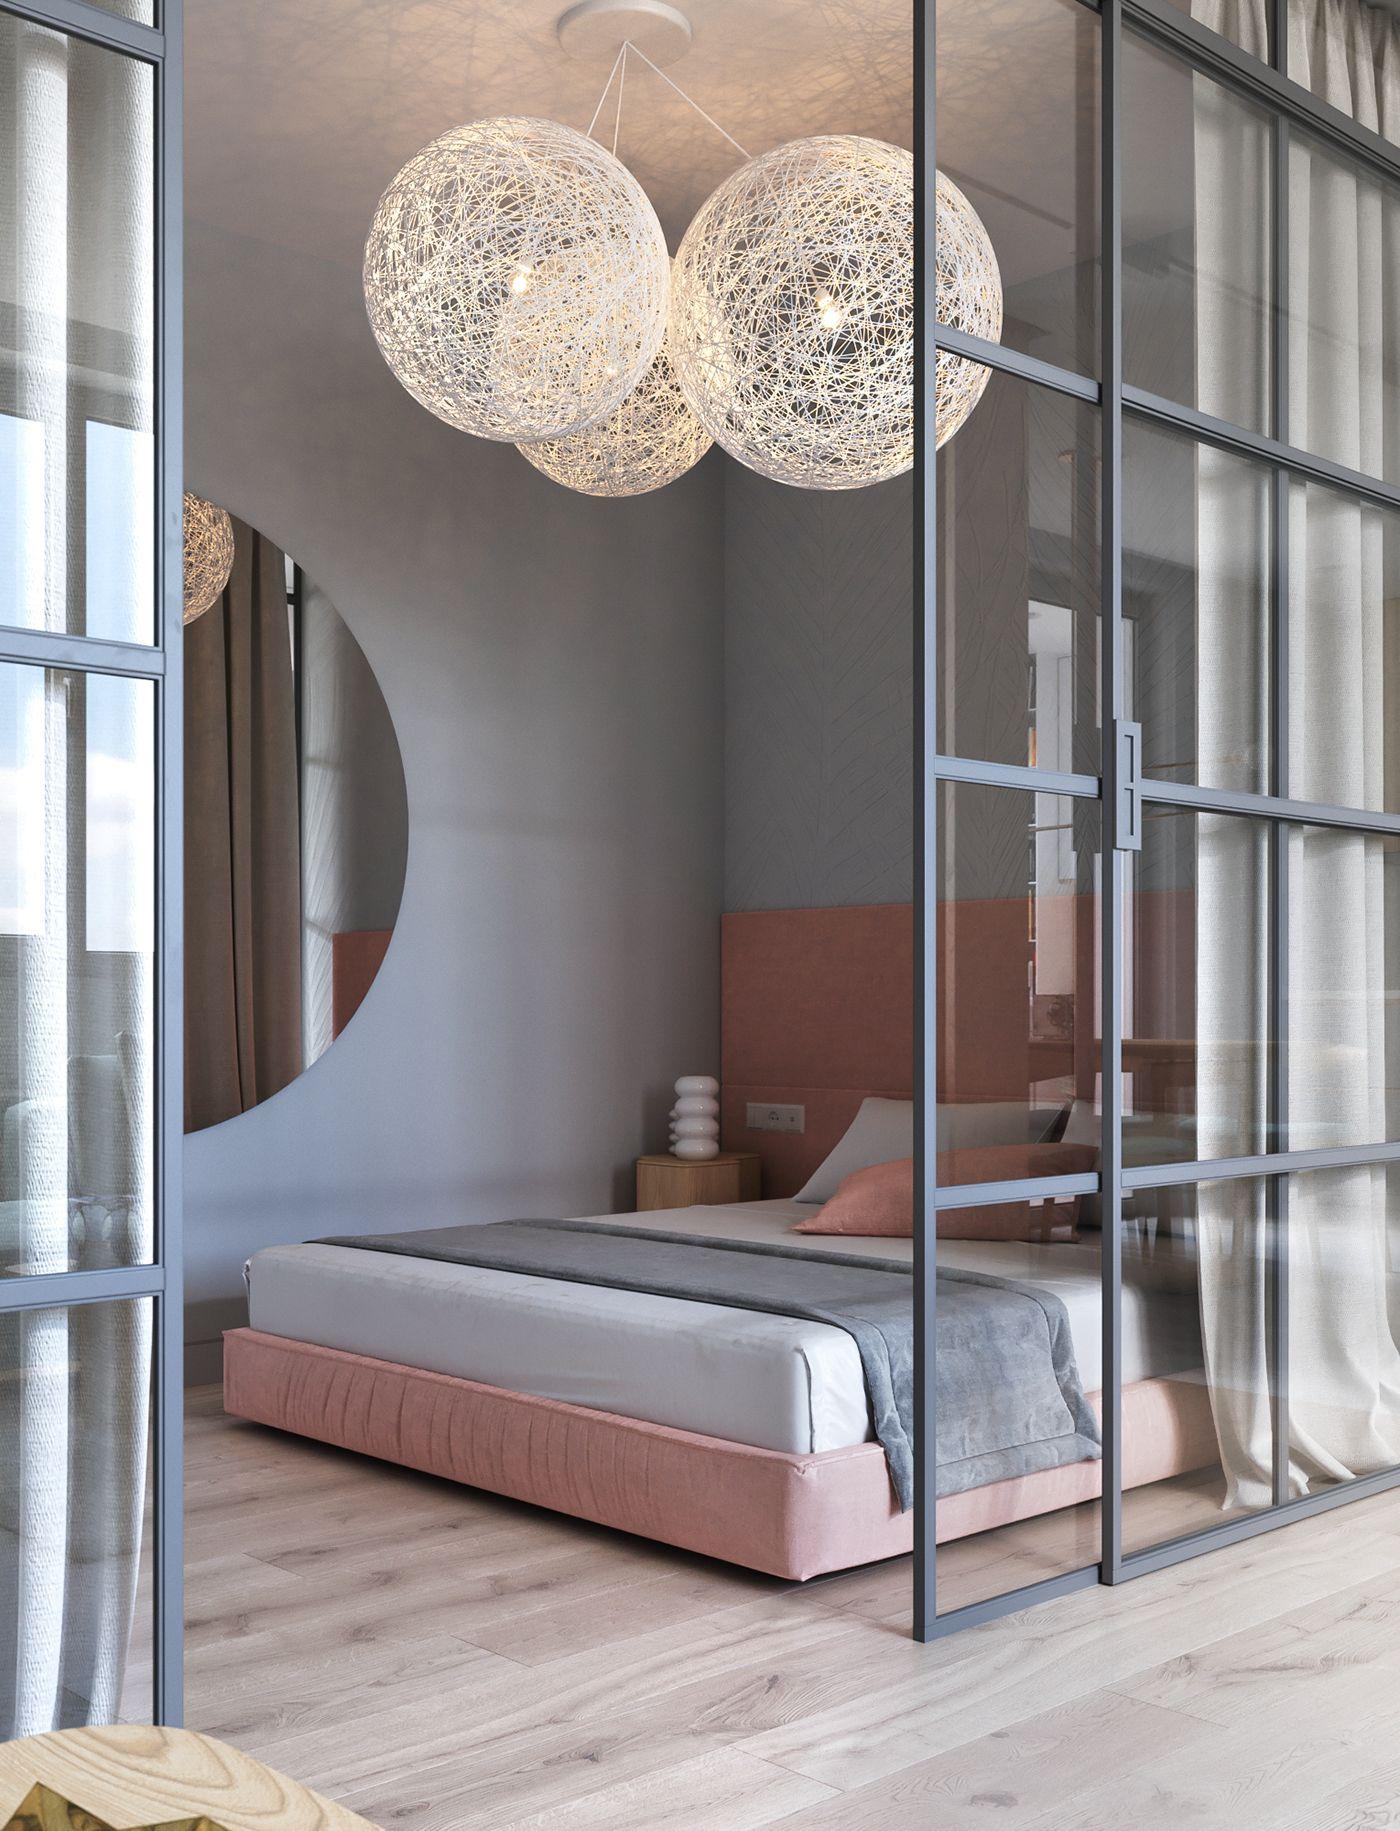 Un appartement contemporain et pastel kiev planete deco a homes world kitchen in 2018 - Appartement contemporain kiev ...